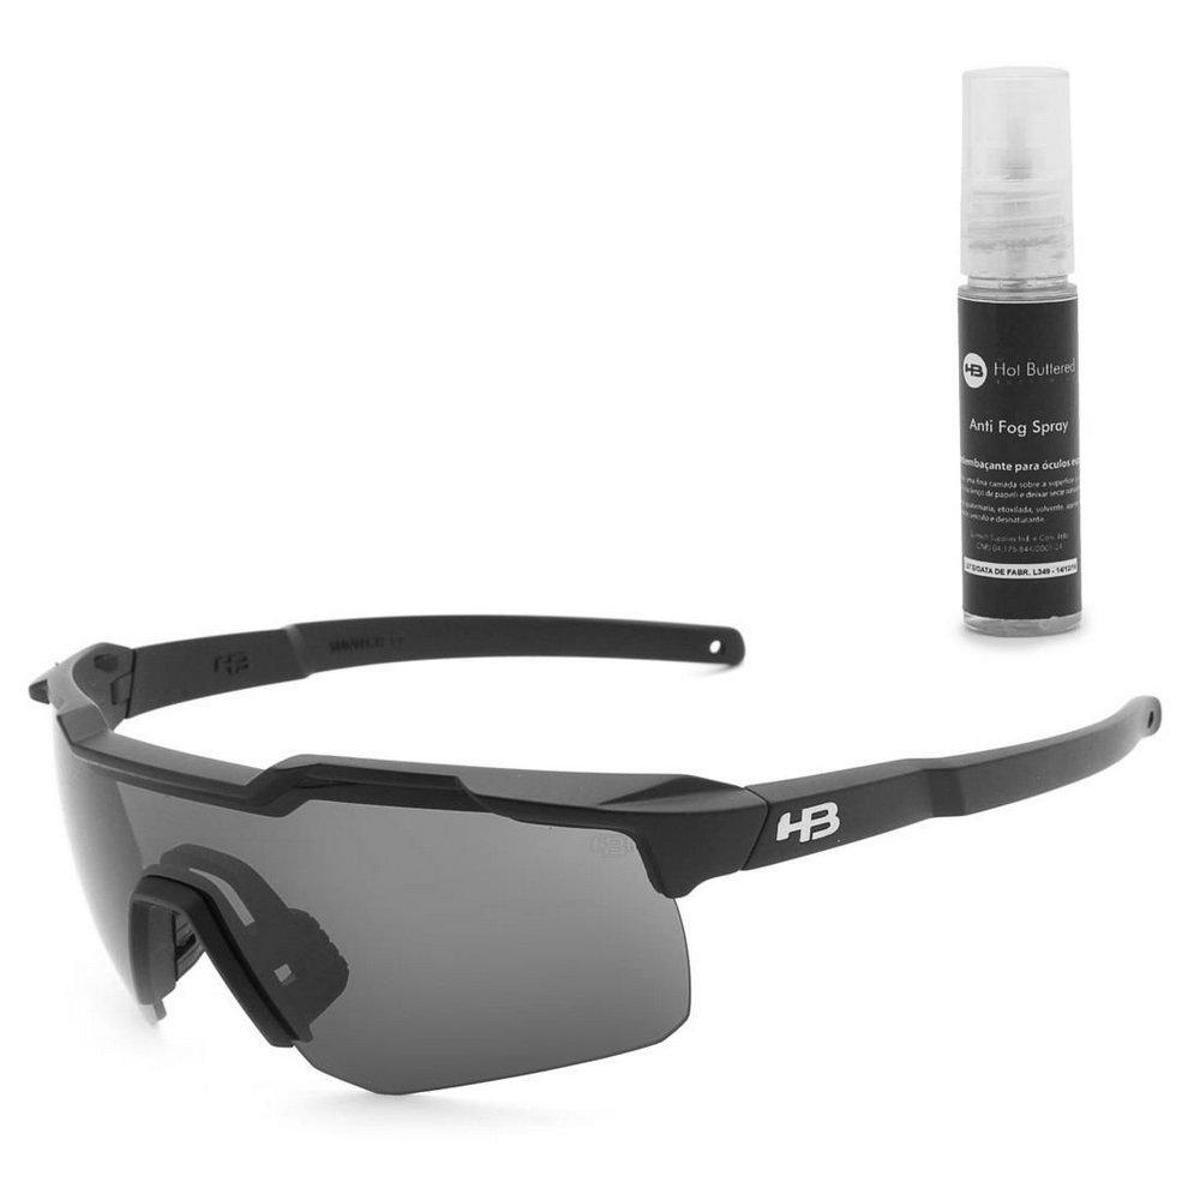 334c5c2b34755 Óculos de Sol HB Shield - Compre Agora